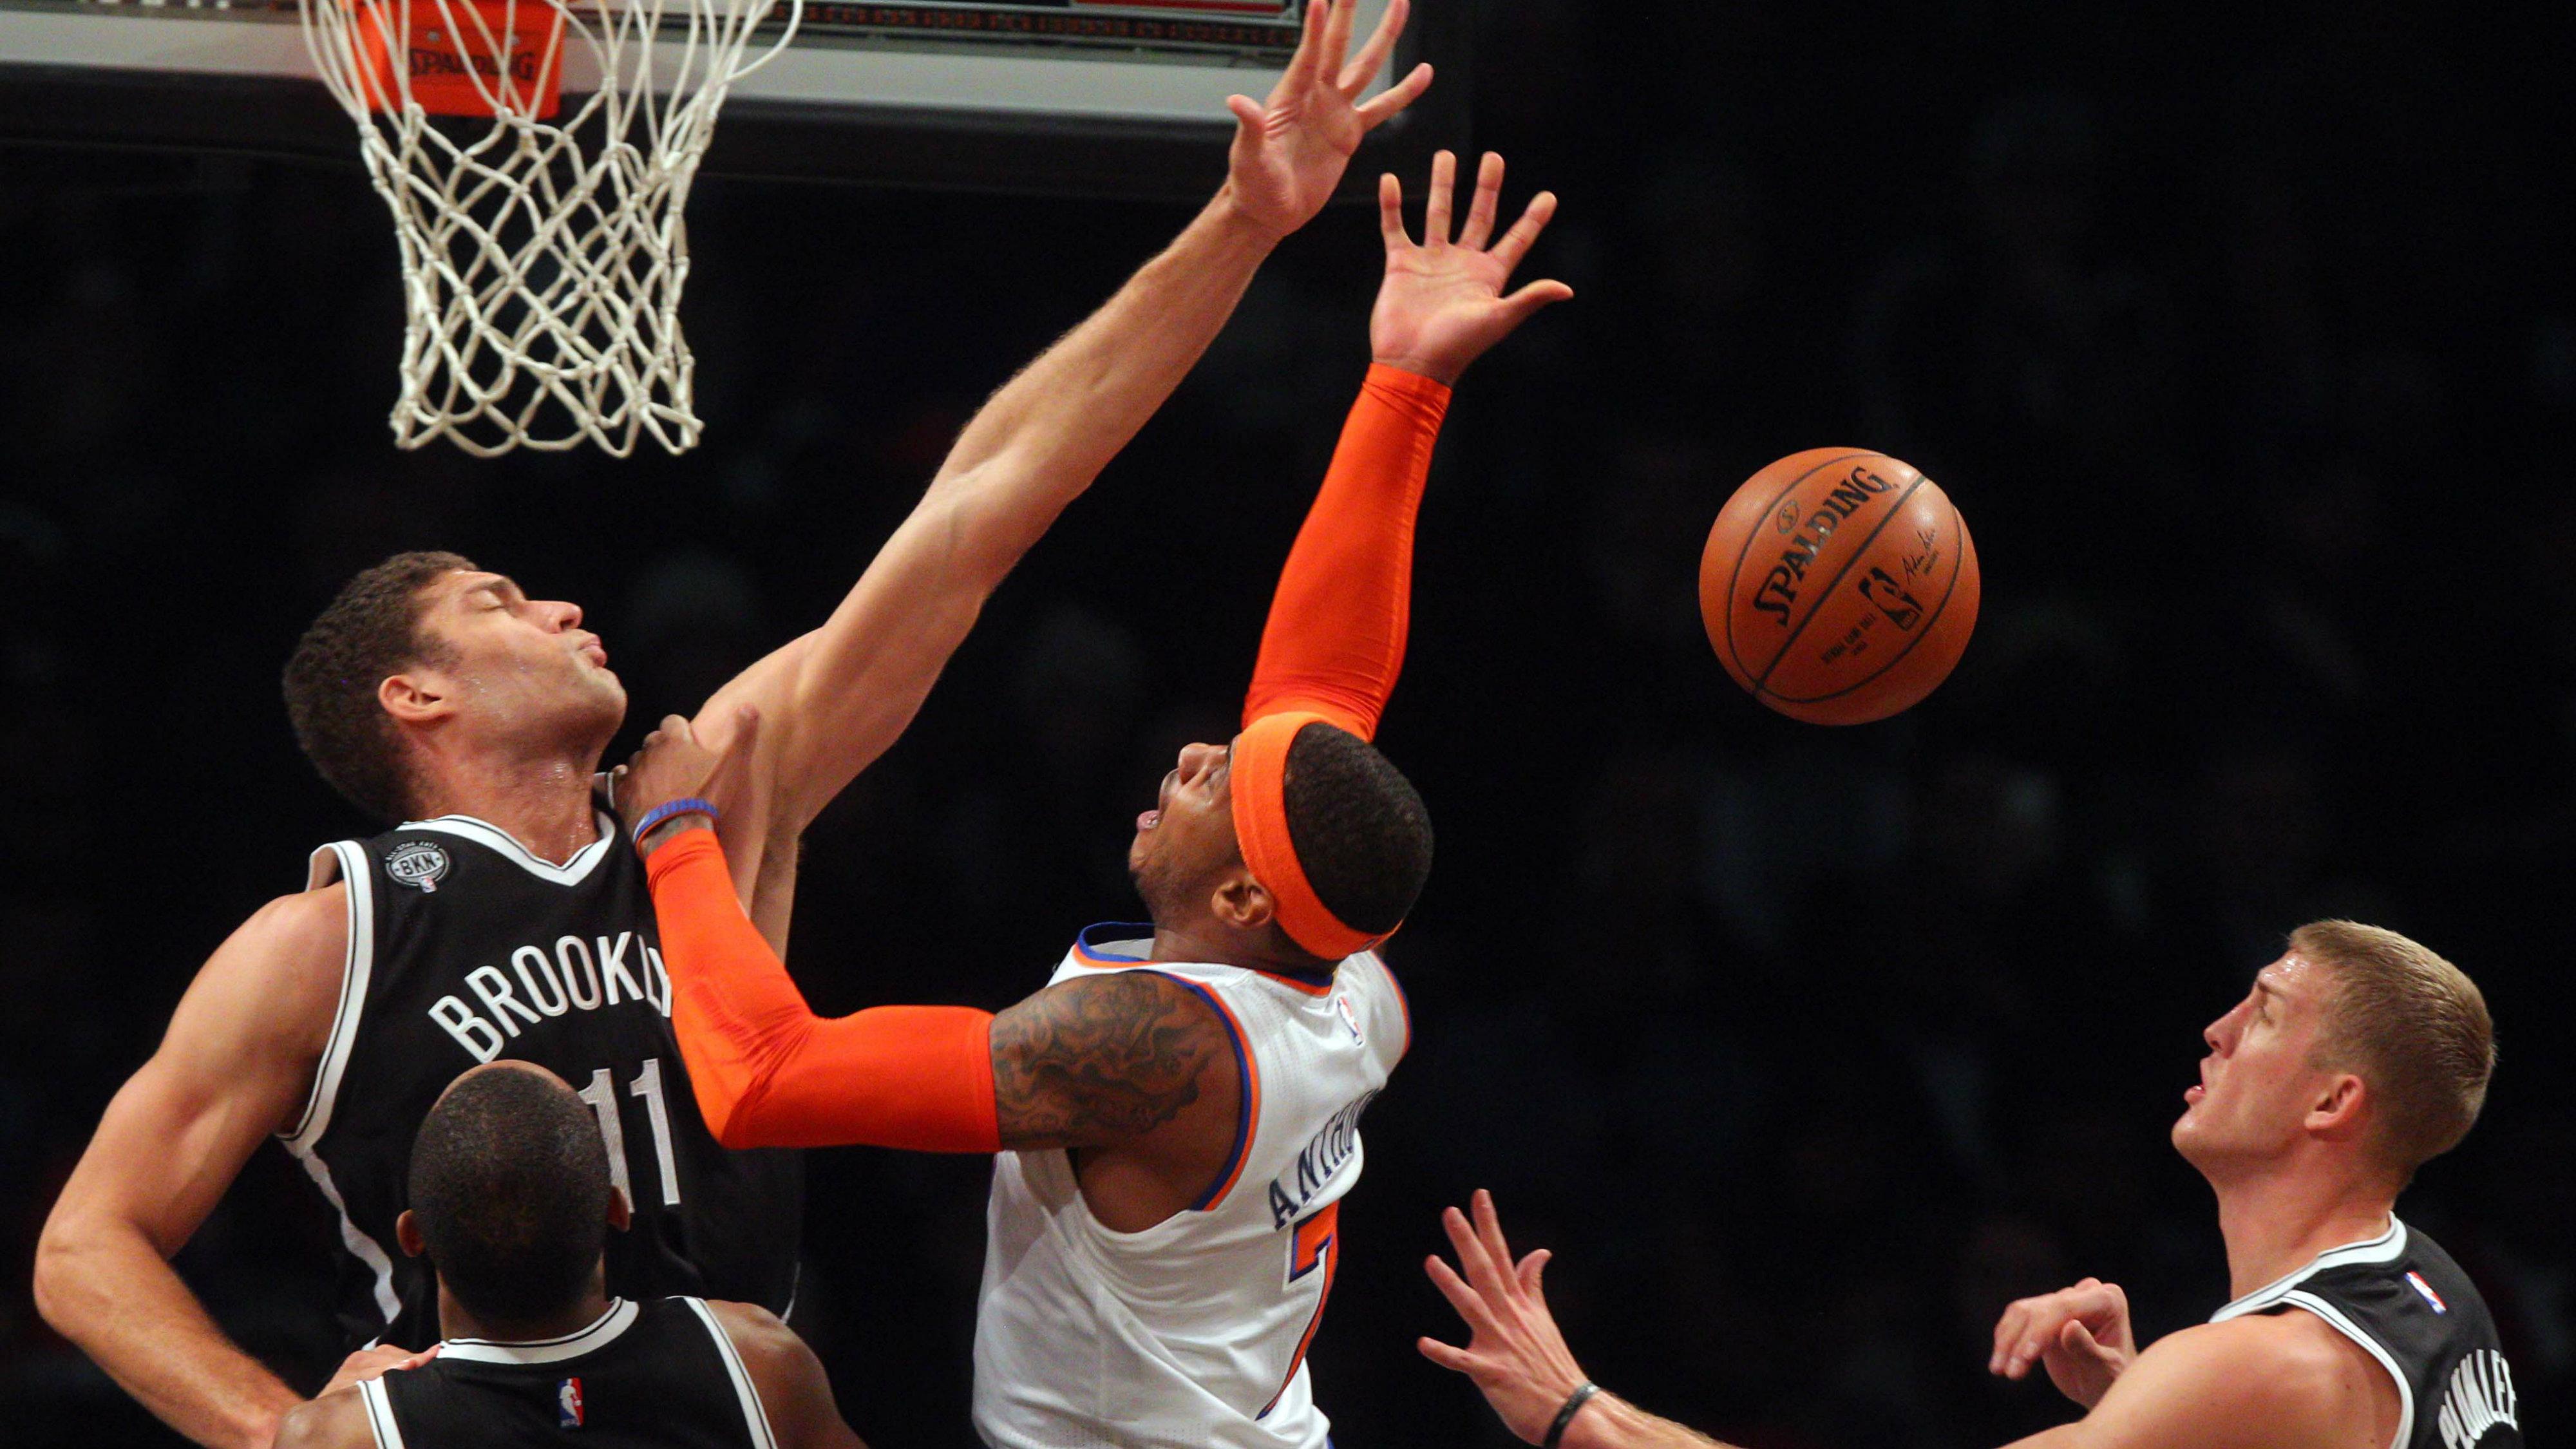 blocking in basketball